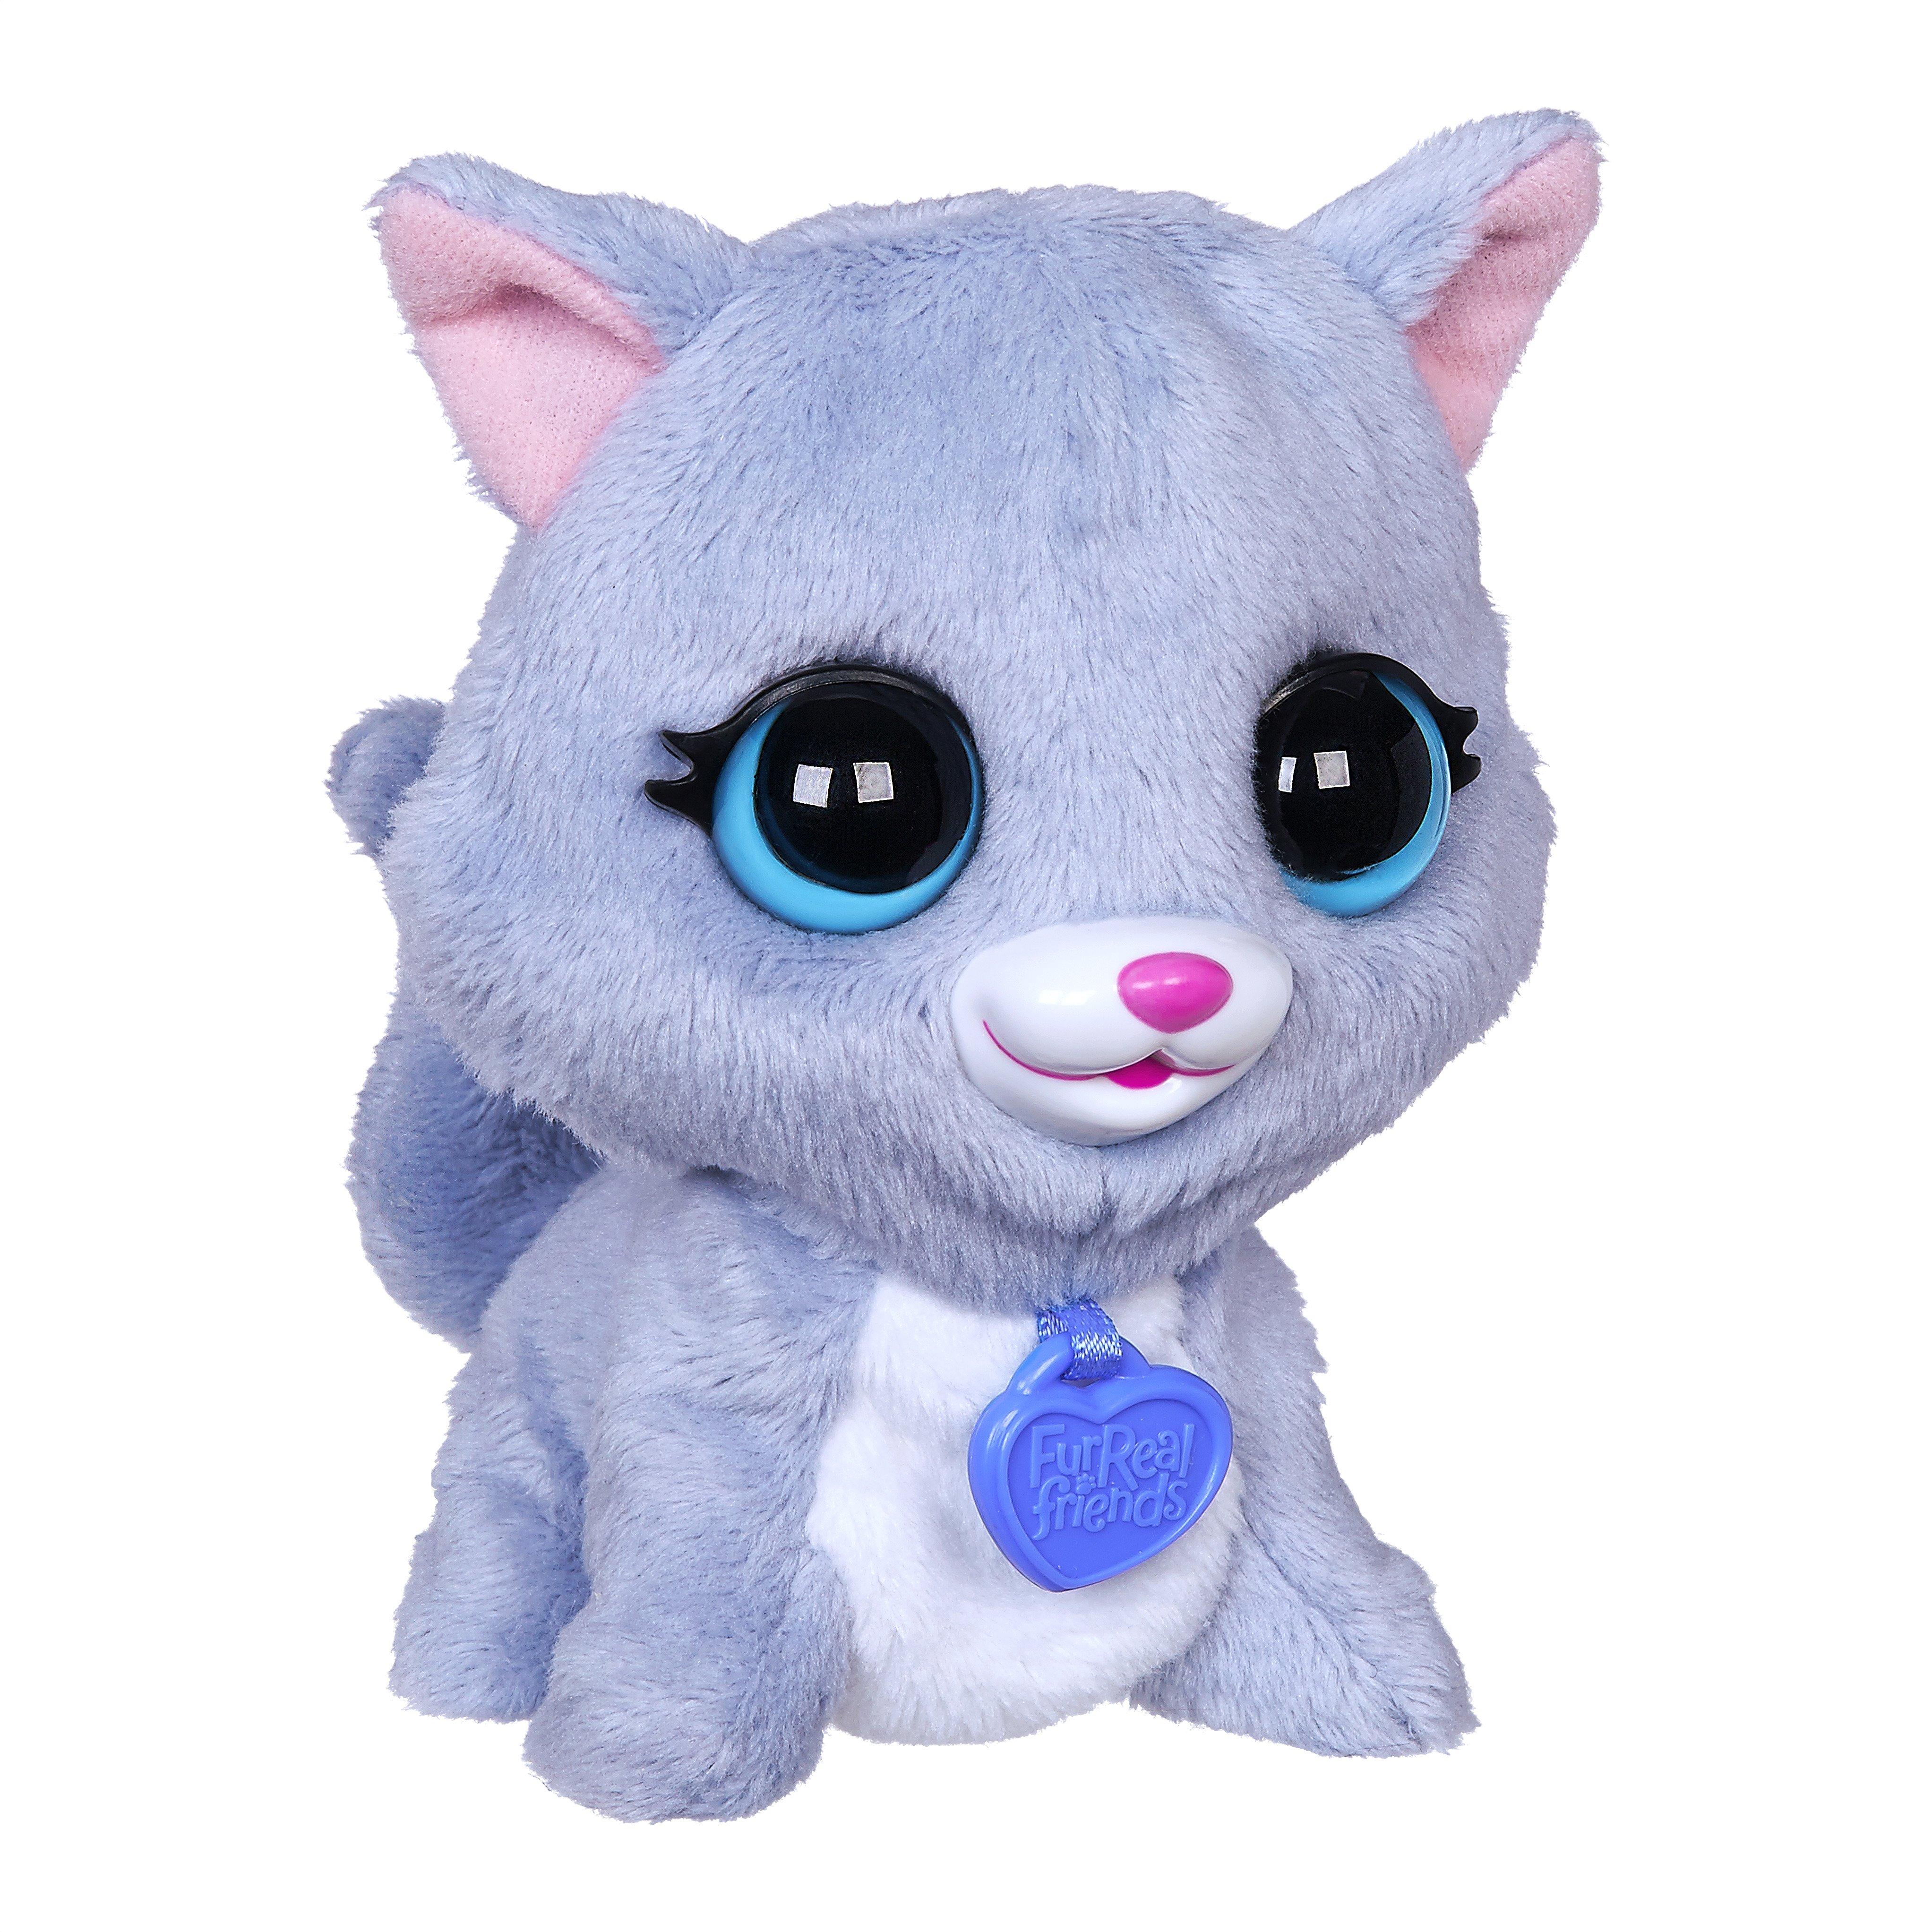 Интерактивная мягкая игрушка Hasbro Furreal Friends поющие зверушки кошечка  Лебон (C2173 C2177) a4788d9e28ee0